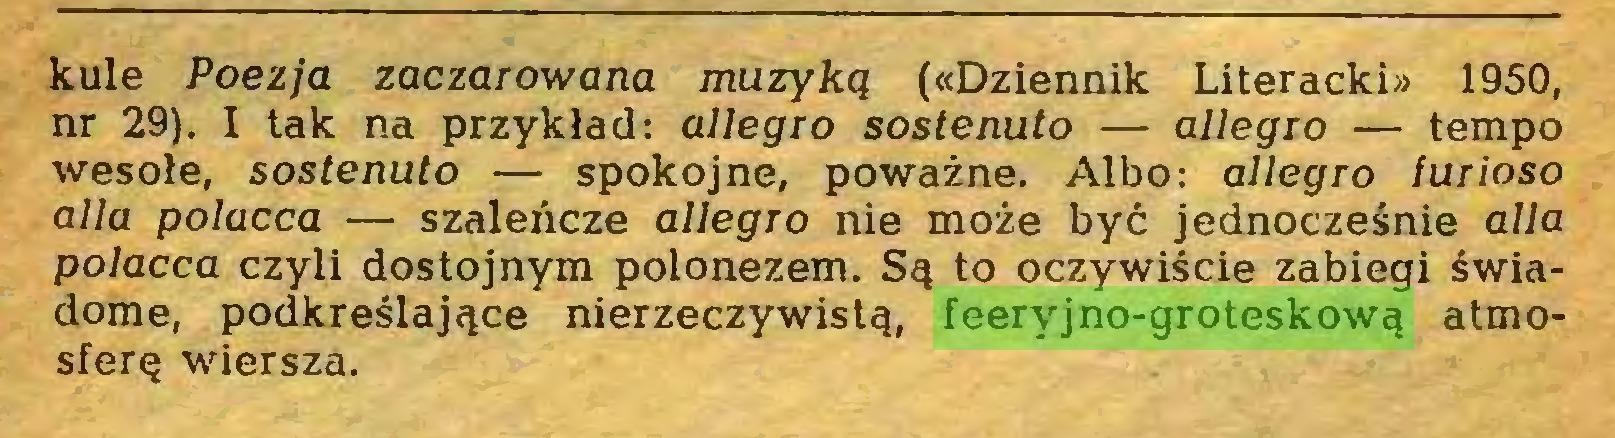 (...) kule Poezja zaczarowana muzyką («Dziennik Literacki» 1950, nr 29). I tak na przykład: allegro sostenuto — allegro — tempo wesołe, sostenuto — spokojne, poważne. Albo: allegro furioso alla polacca — szaleńcze allegro nie może być jednocześnie alla polacca czyli dostojnym polonezem. Są to oczywiście zabiegi świadome, podkreślające nierzeczywistą, feeryjno-groteskową atmosferę wiersza...